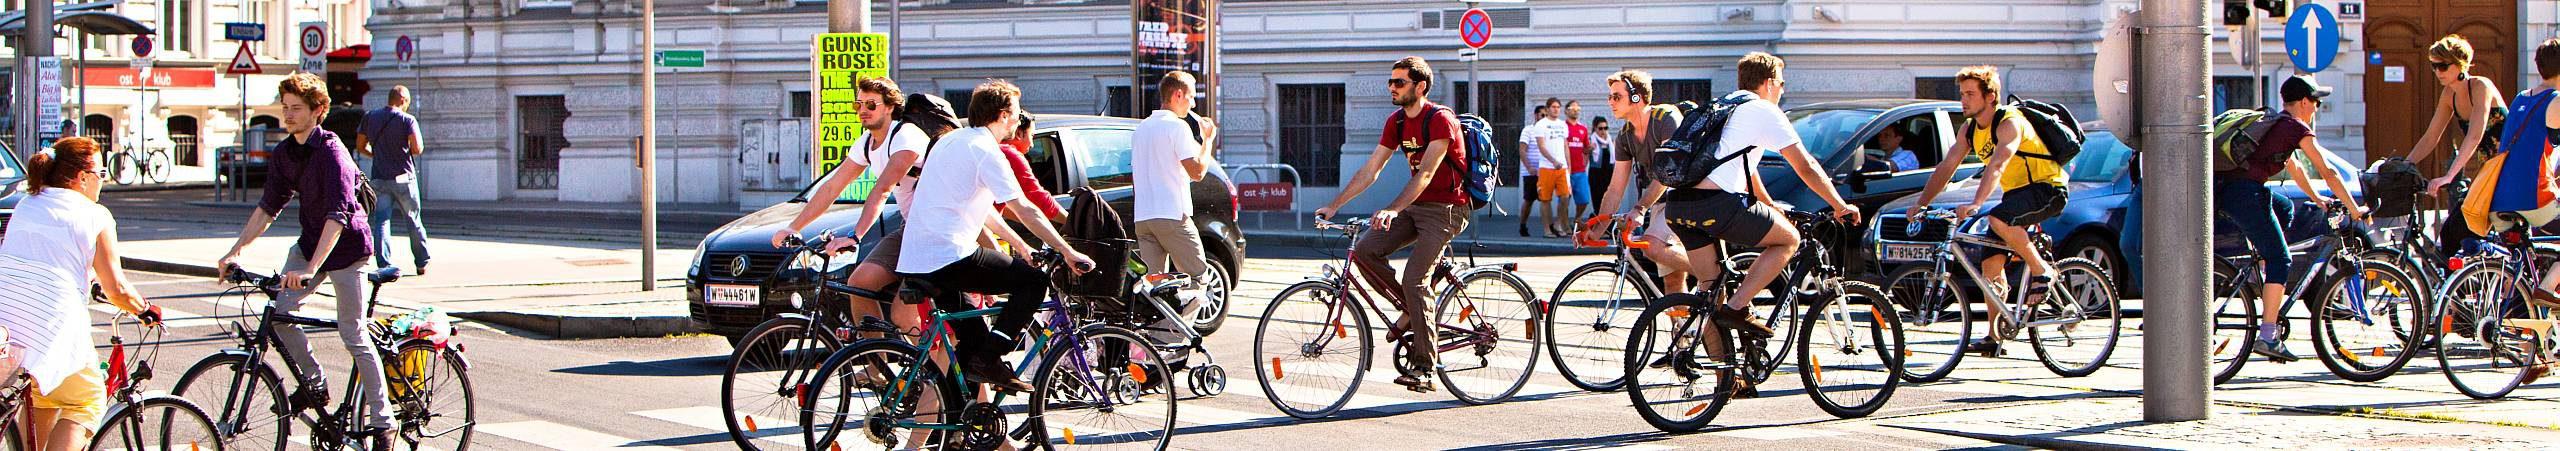 Reger Radverkehr an einem sonnigen Morgen in Wien.